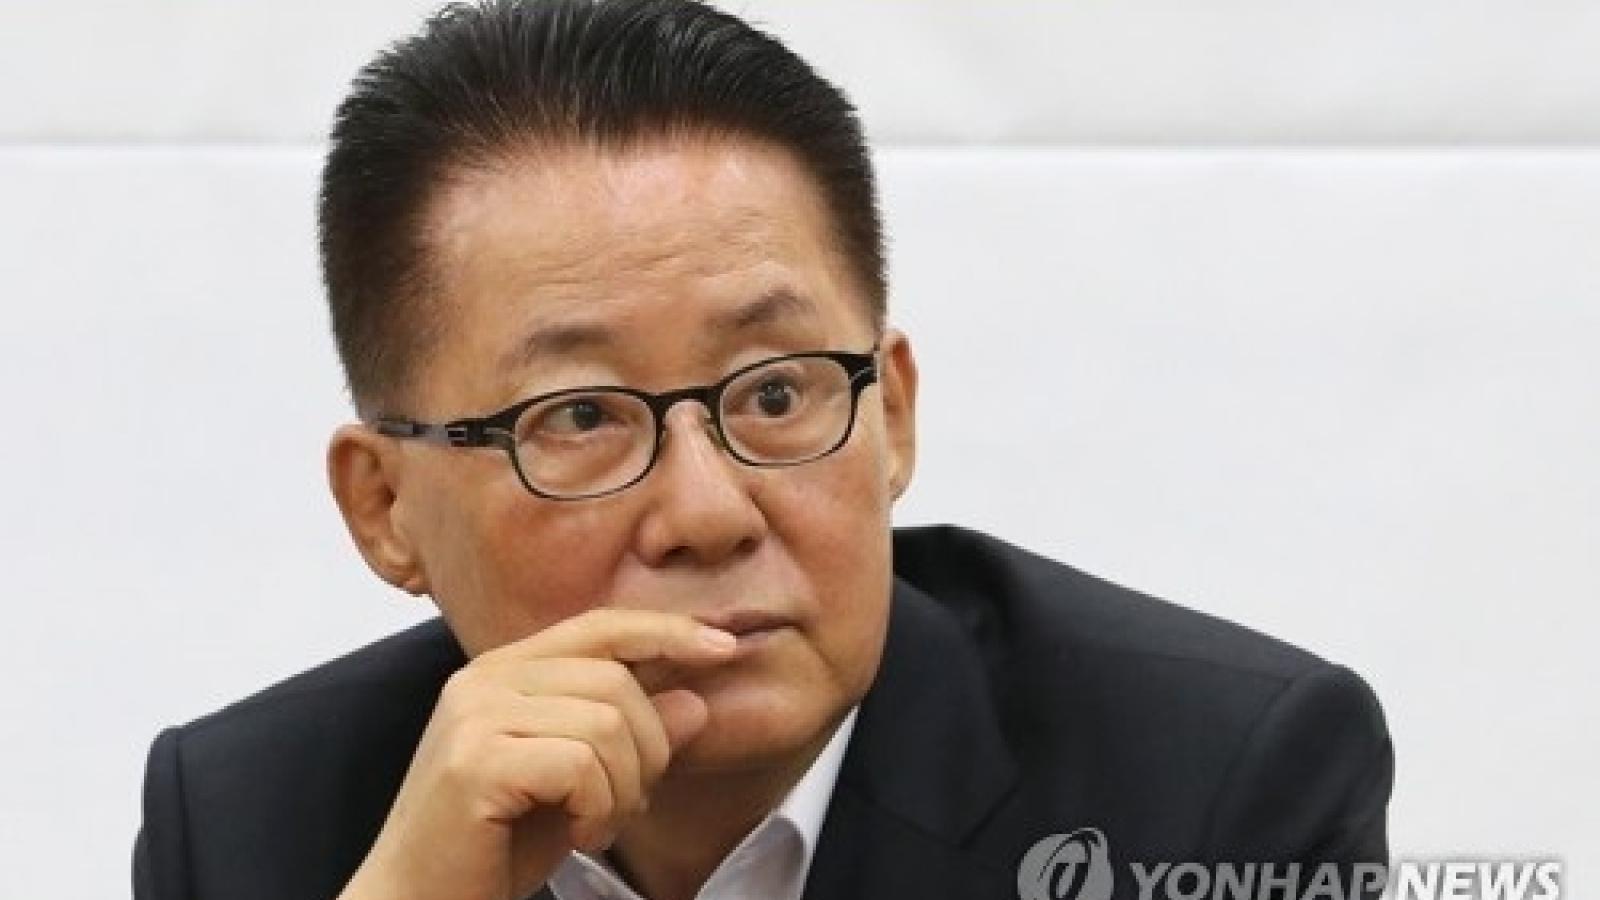 Giám đốc Cơ quan tình báo Hàn Quốc thăm Nhật Bản